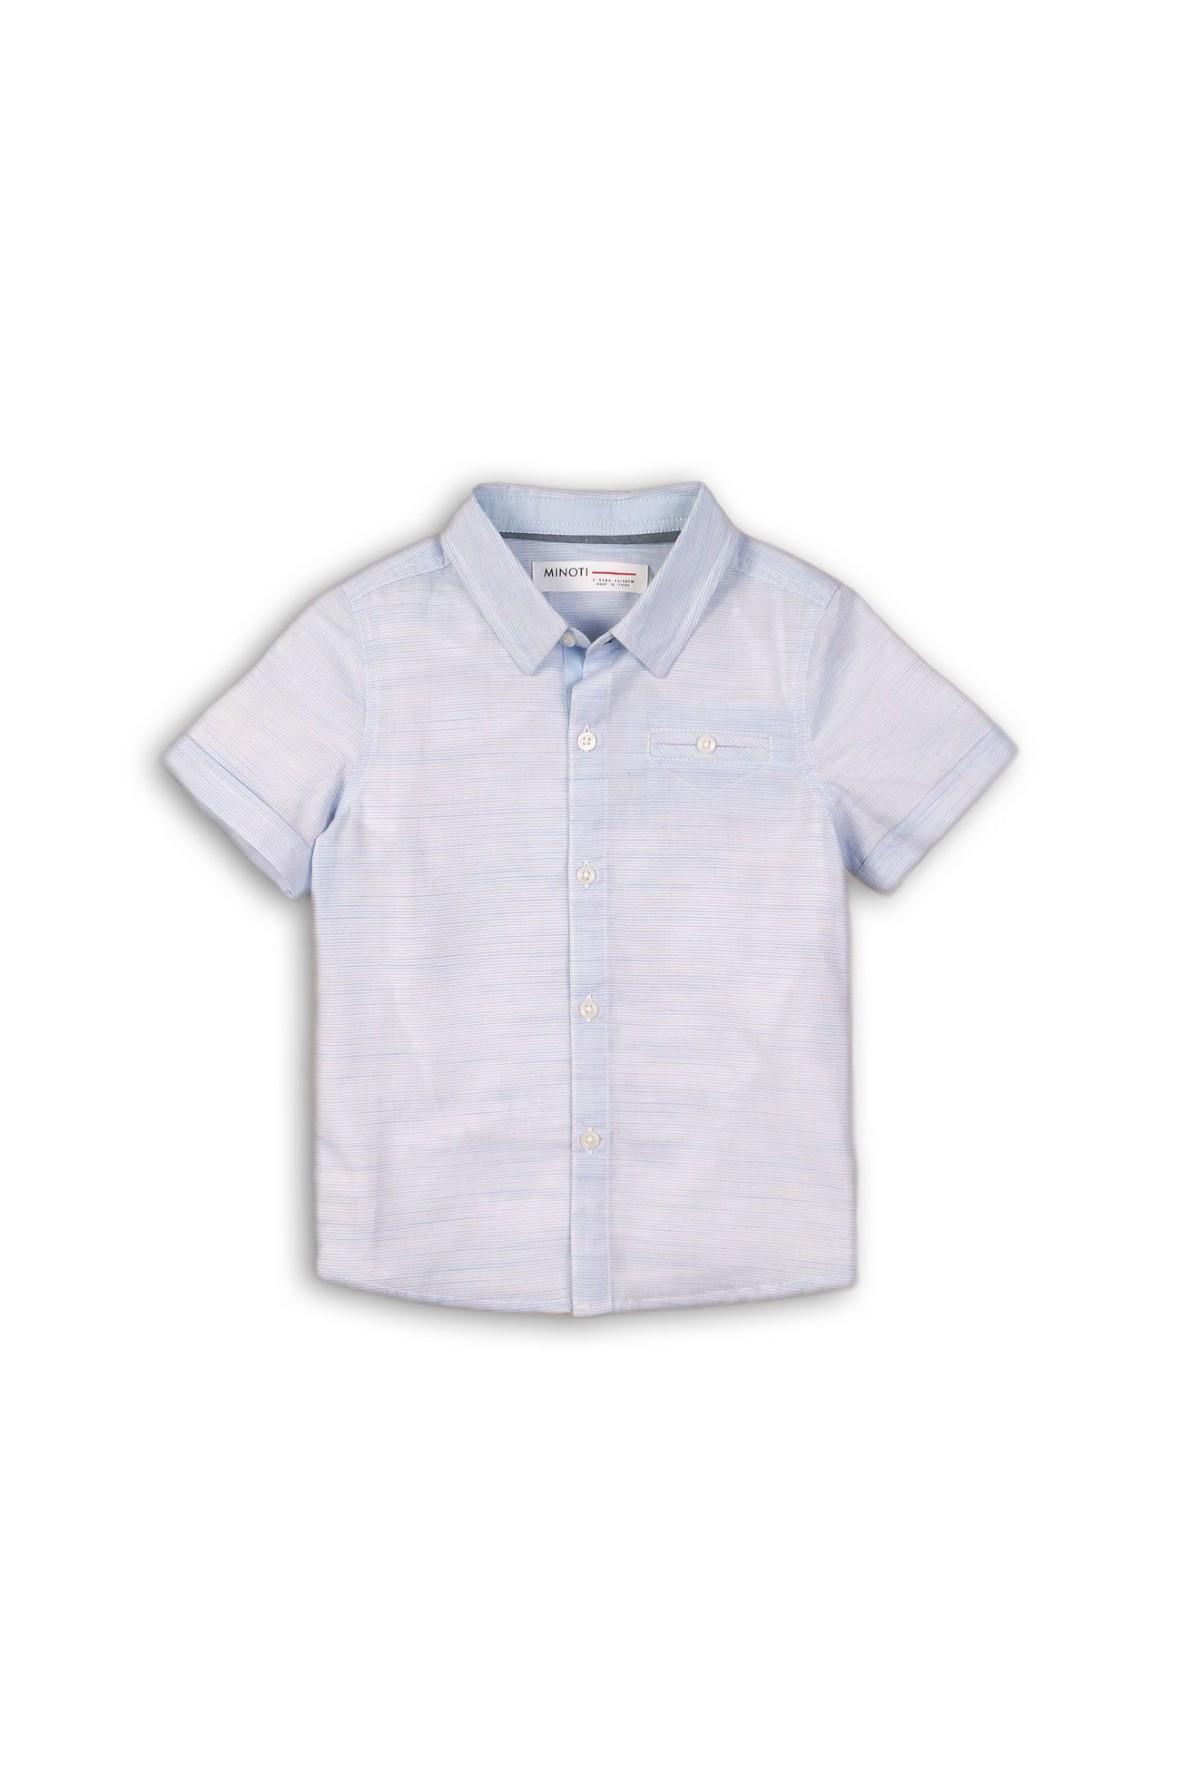 Koszula chłopięca niebieska z krótkim rękawem